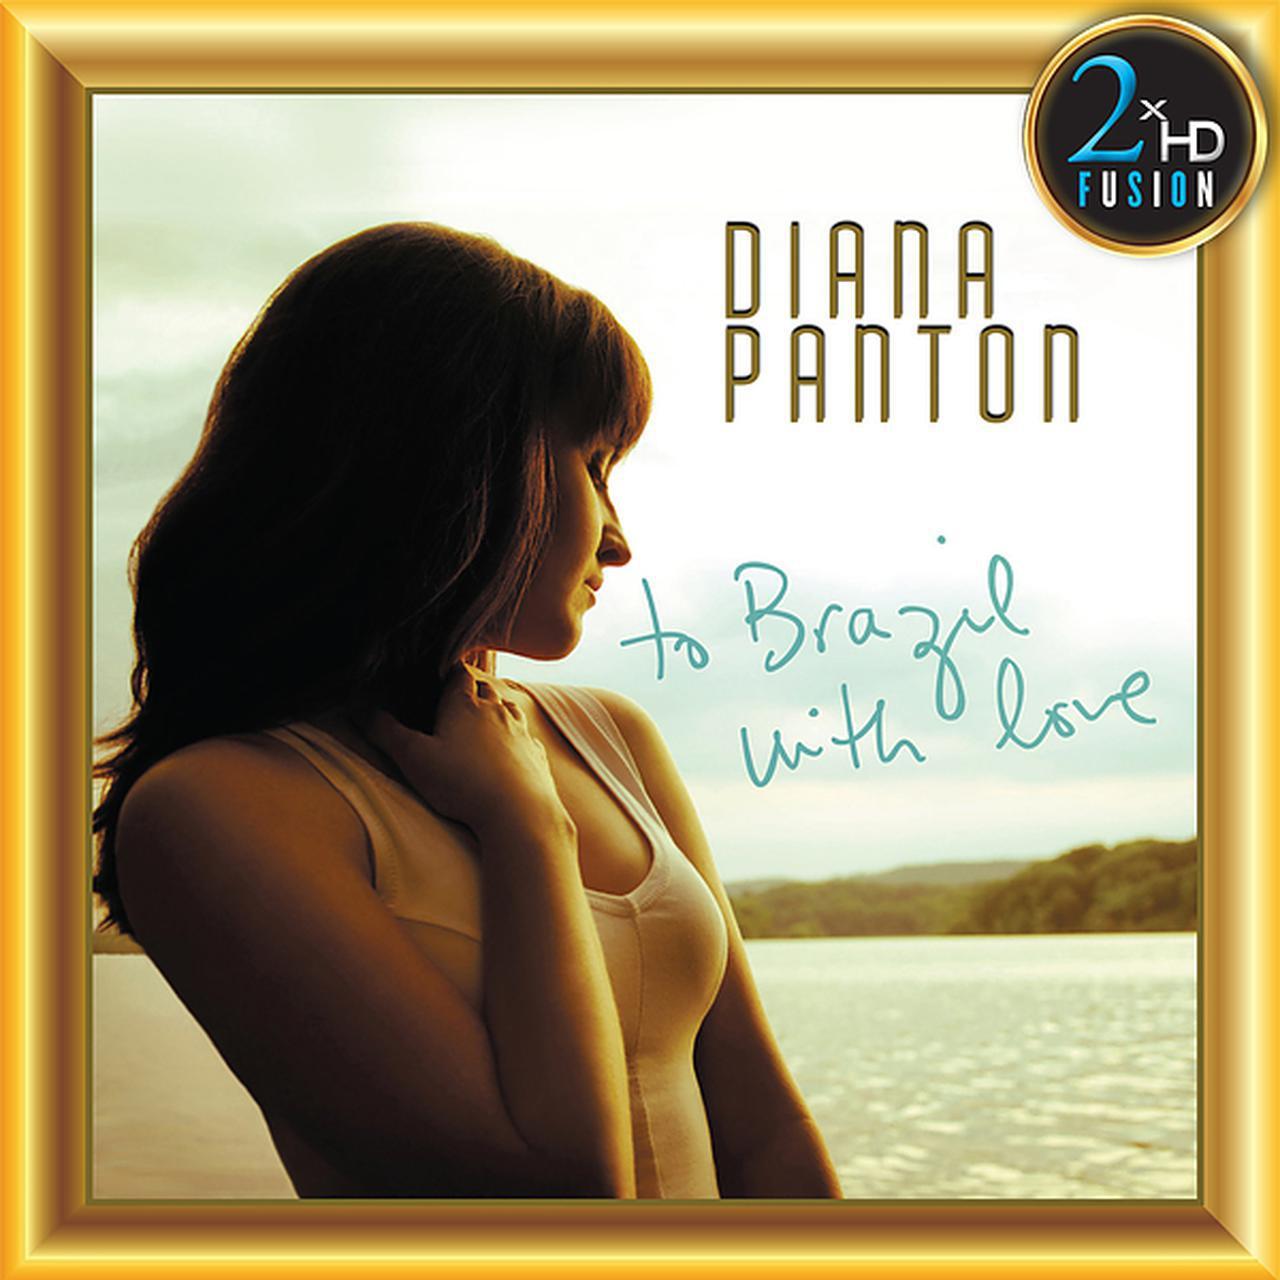 画像: Diana Panton: To Brazil with Love/Diana Panton